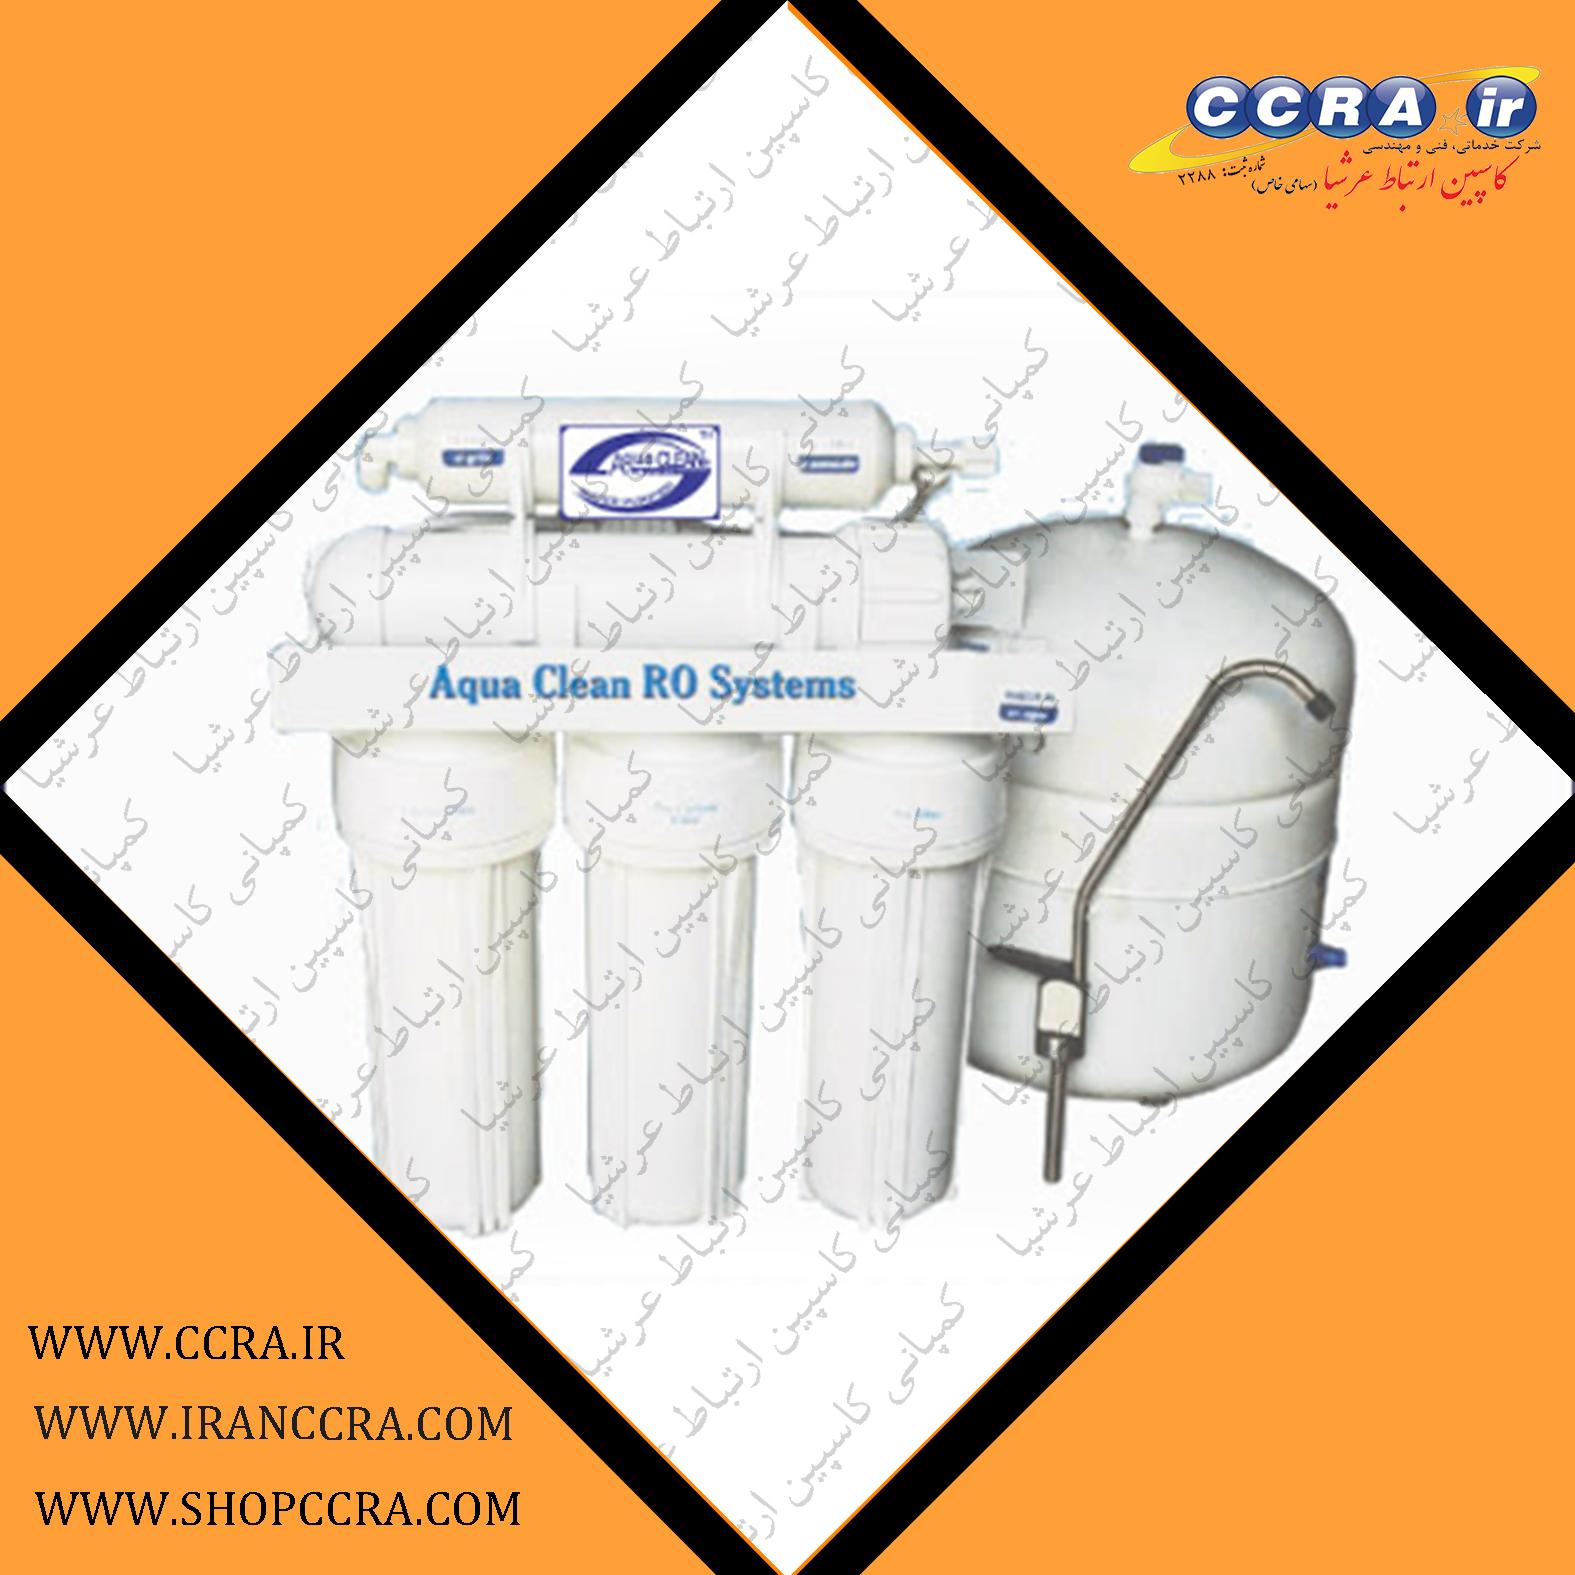 تفاوت اساسی بین انواع دستگاه های تصفیه آب خانگی آکوا کلیین